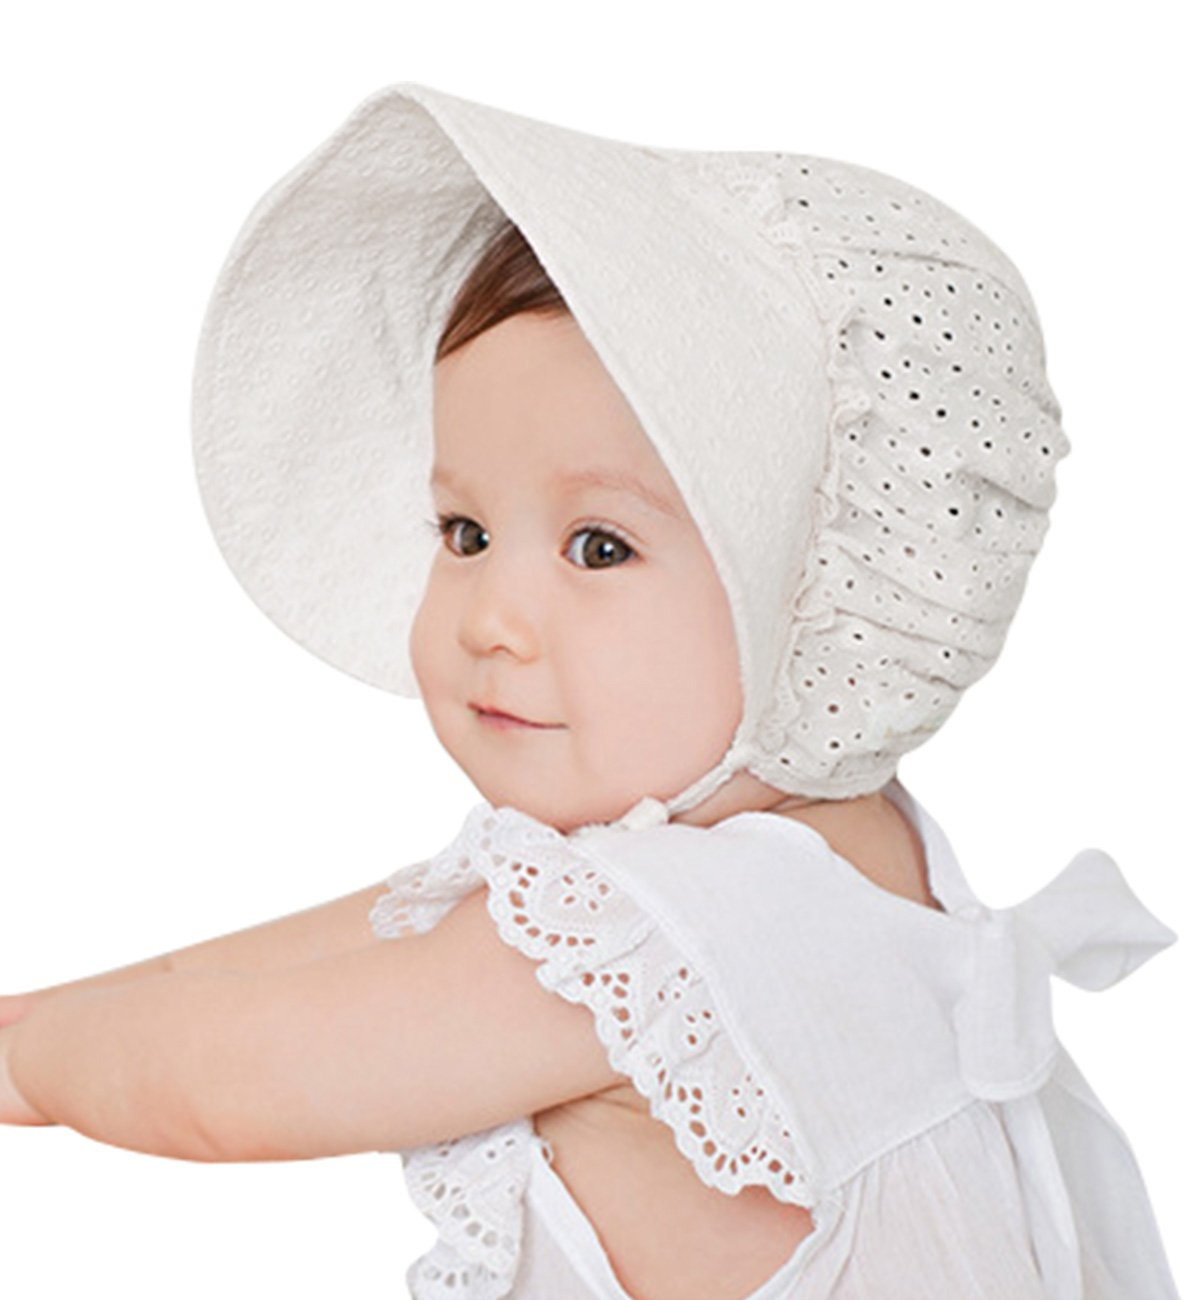 Sumolux Cappello Sole in Cotone Merletti in Pizzo Cappellino Beanie Principessa Orlo Largo per Bambini Neonati SZ-07-1